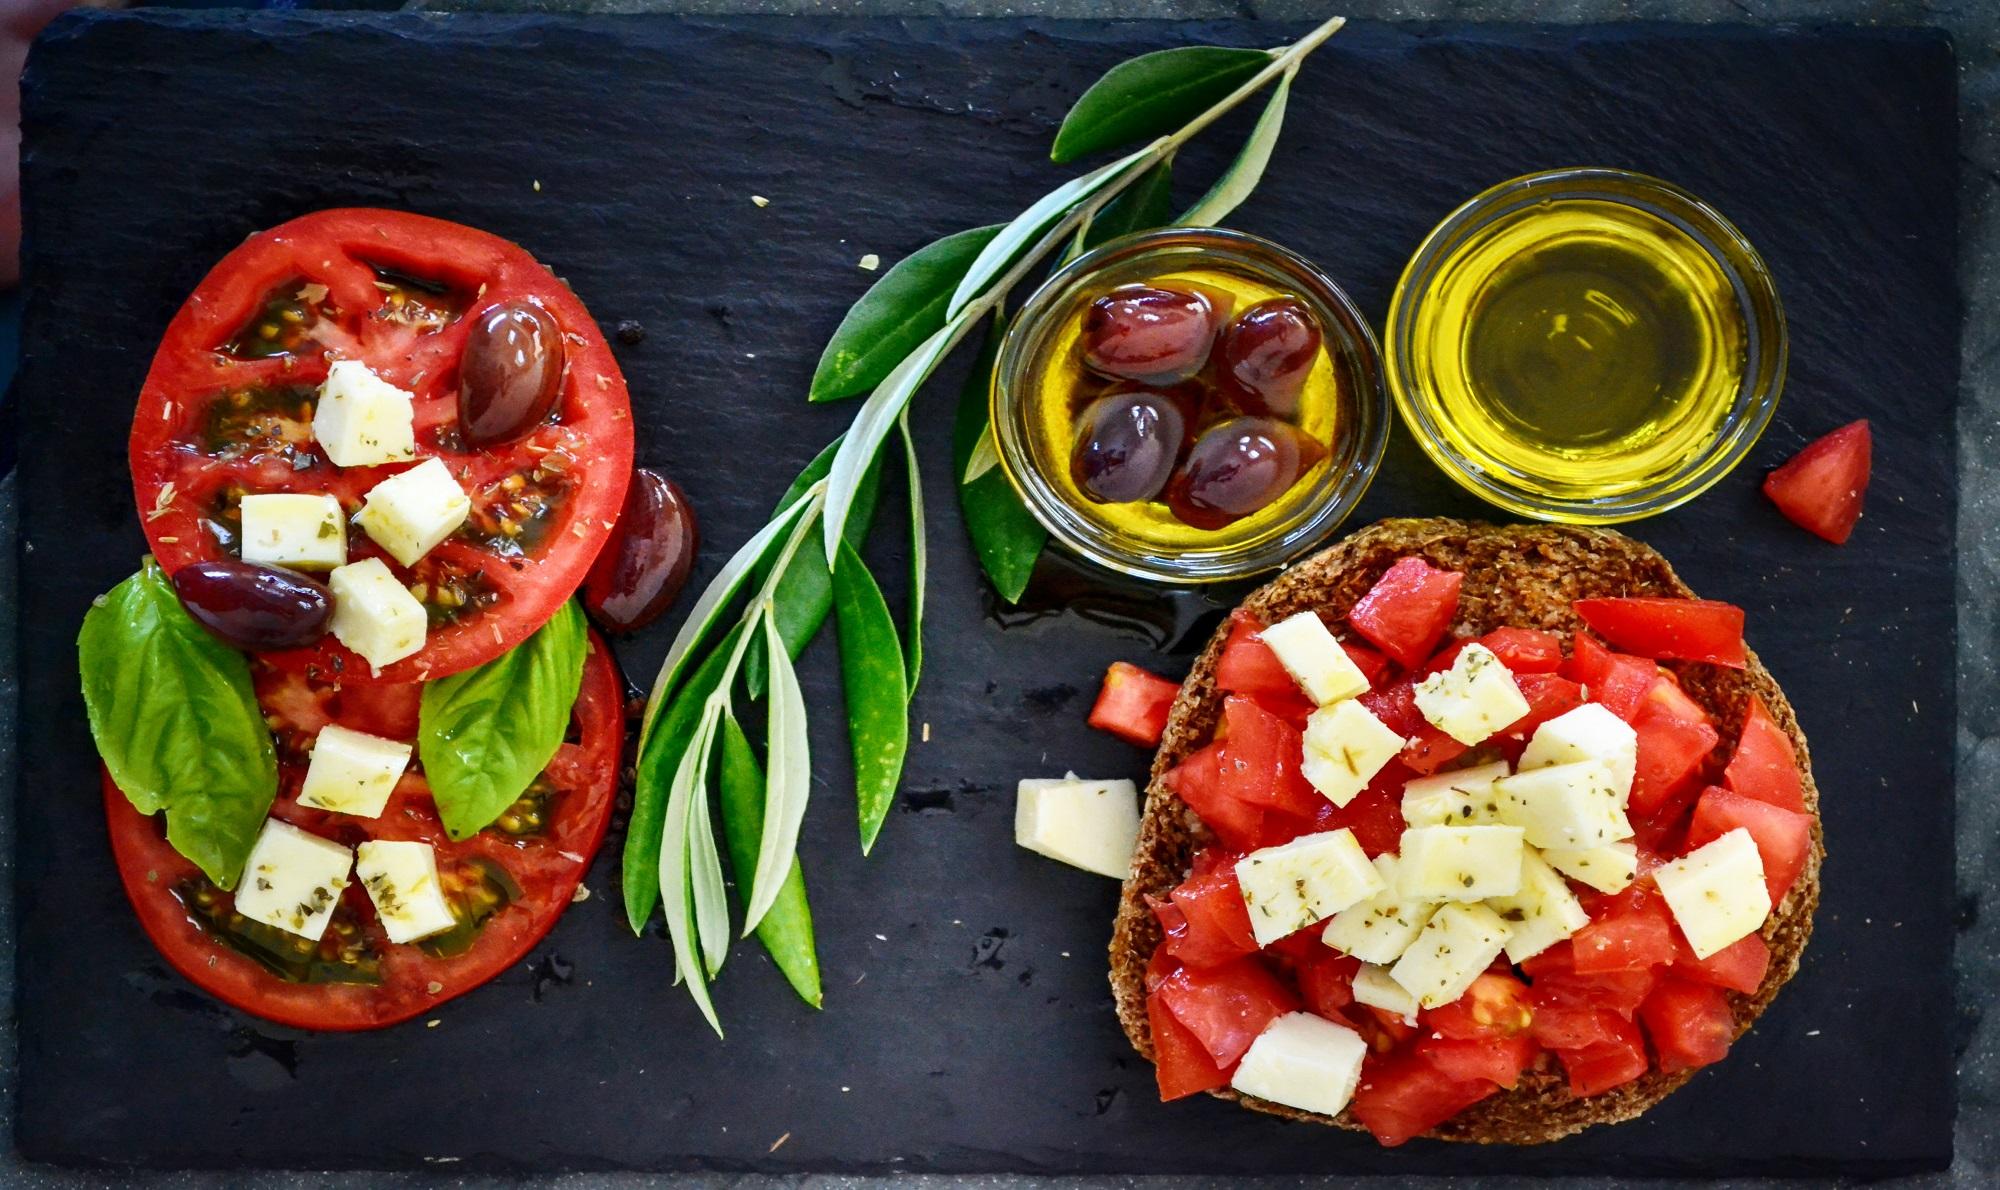 Hrana preporučena za hipertenziju